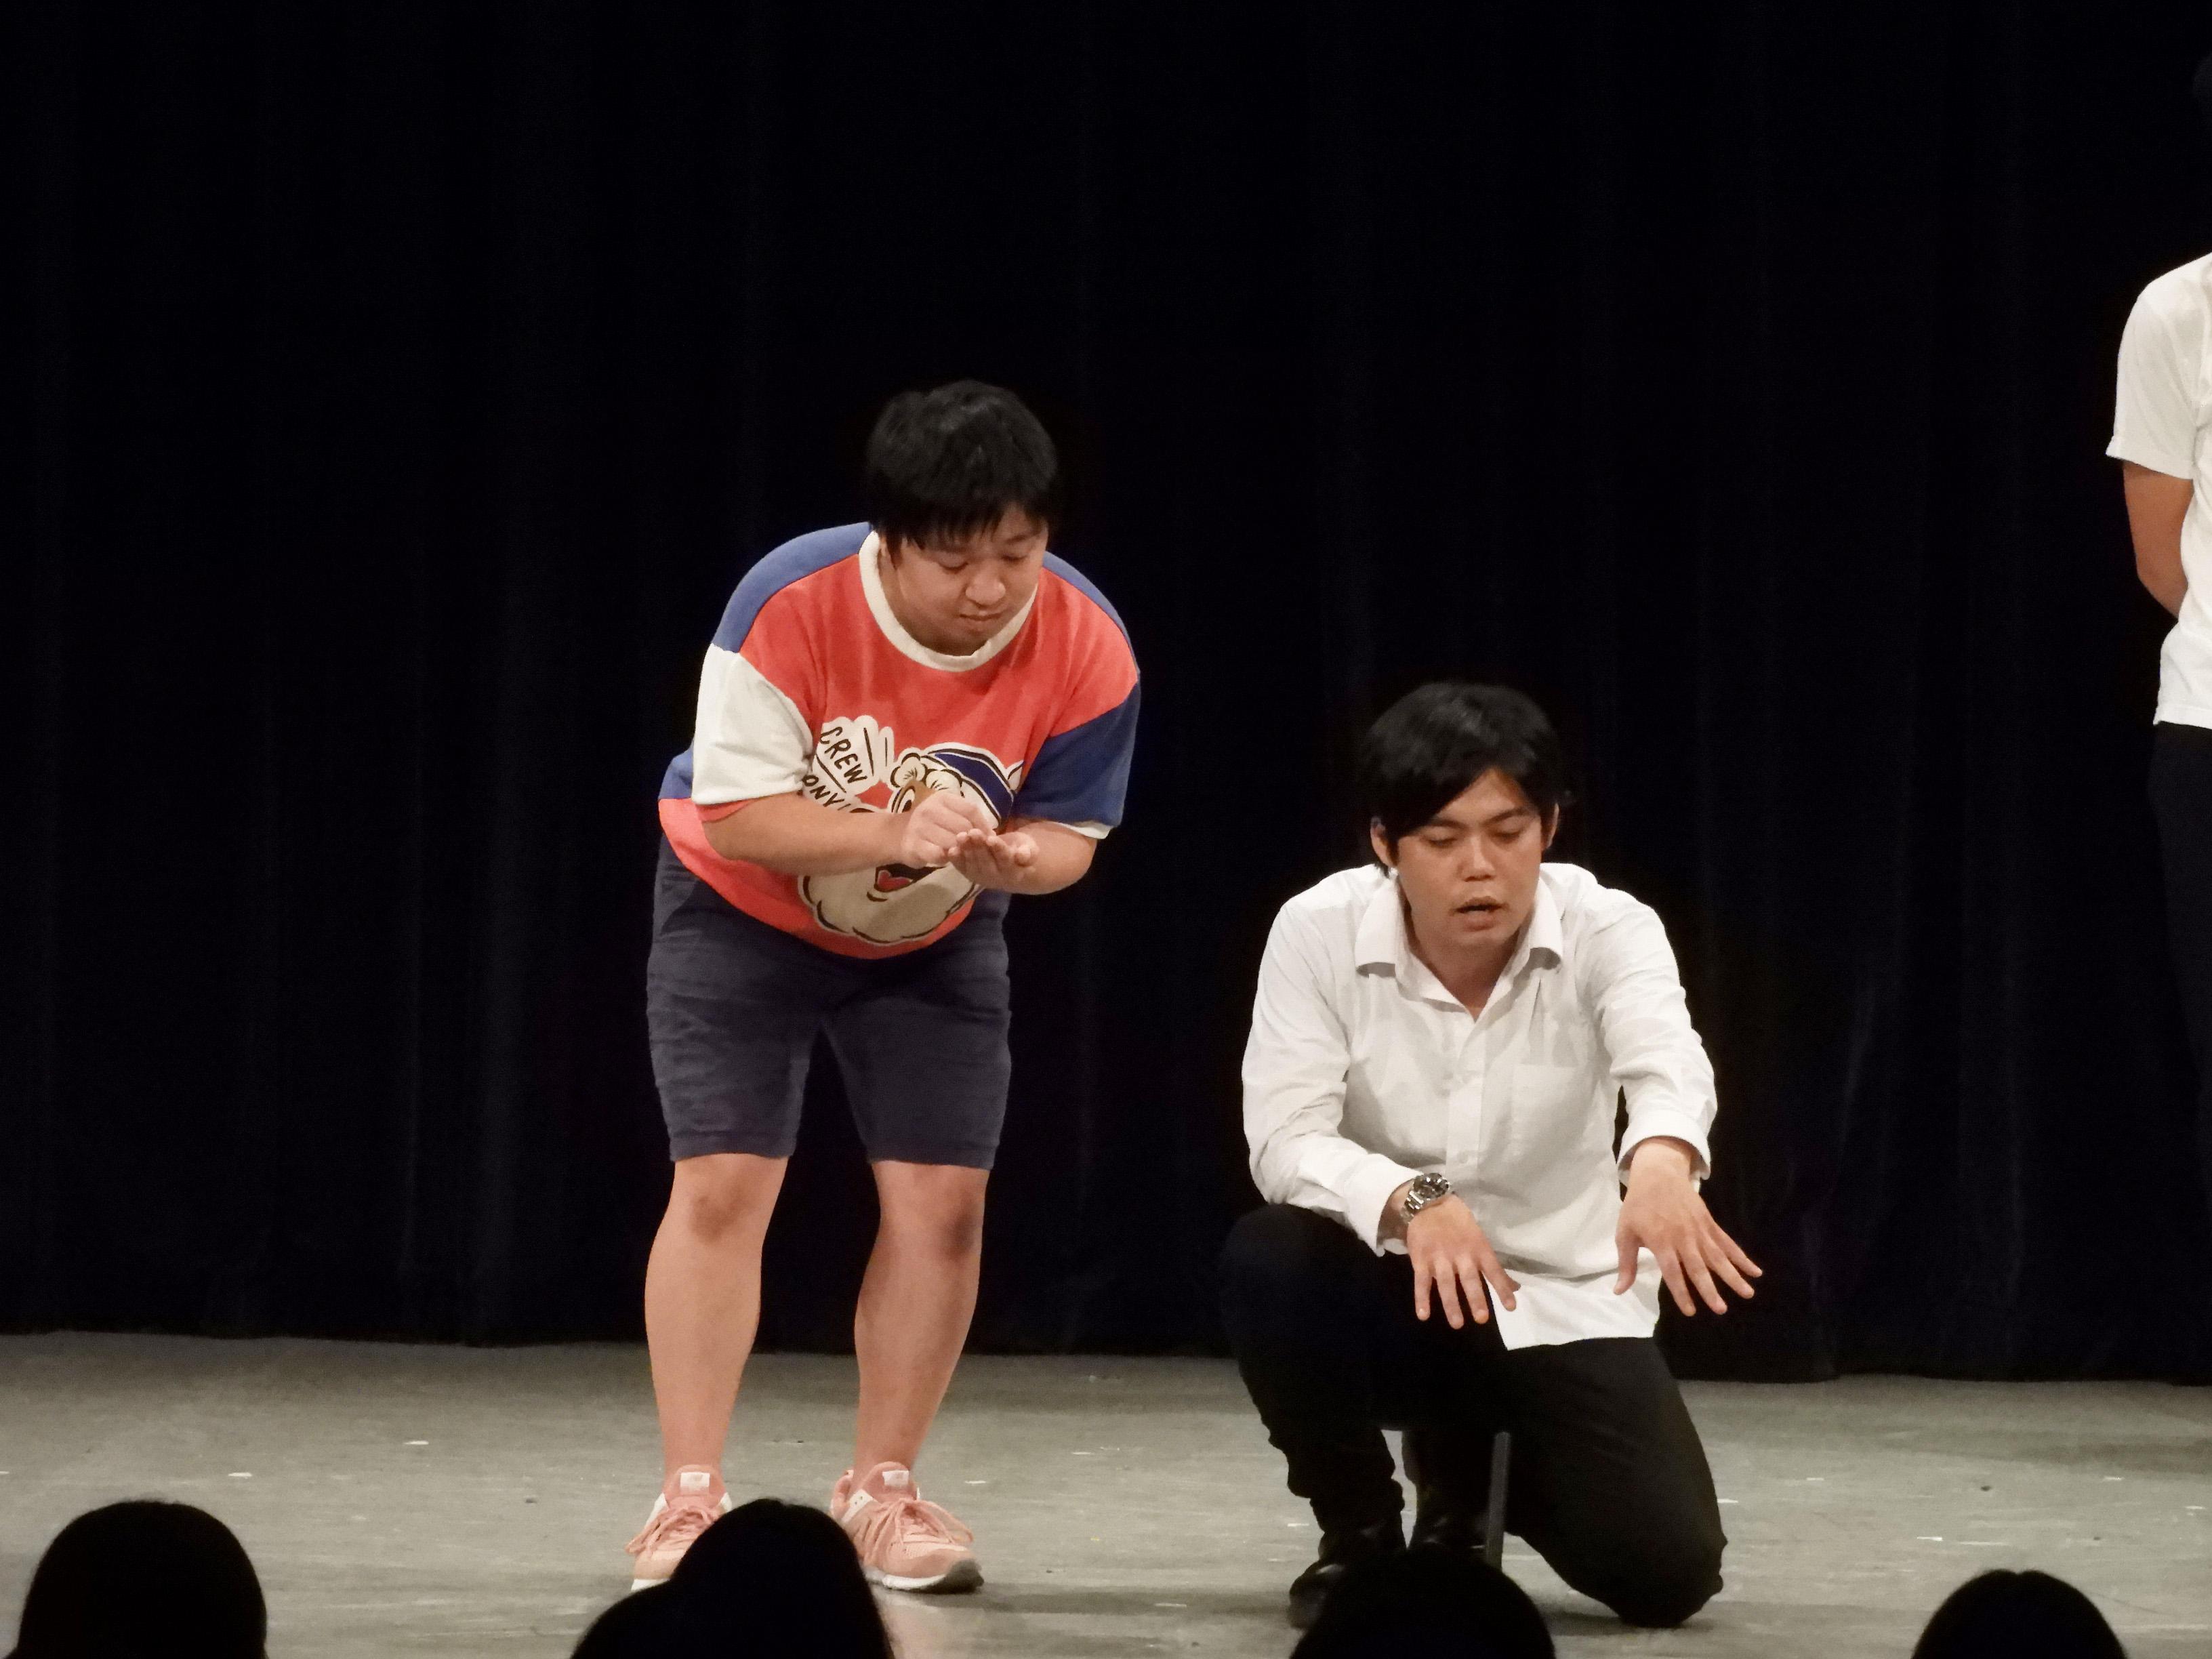 http://news.yoshimoto.co.jp/20180926120731-d68d6c46ee3d33b93c53fd5ab6dd267b81483198.jpg